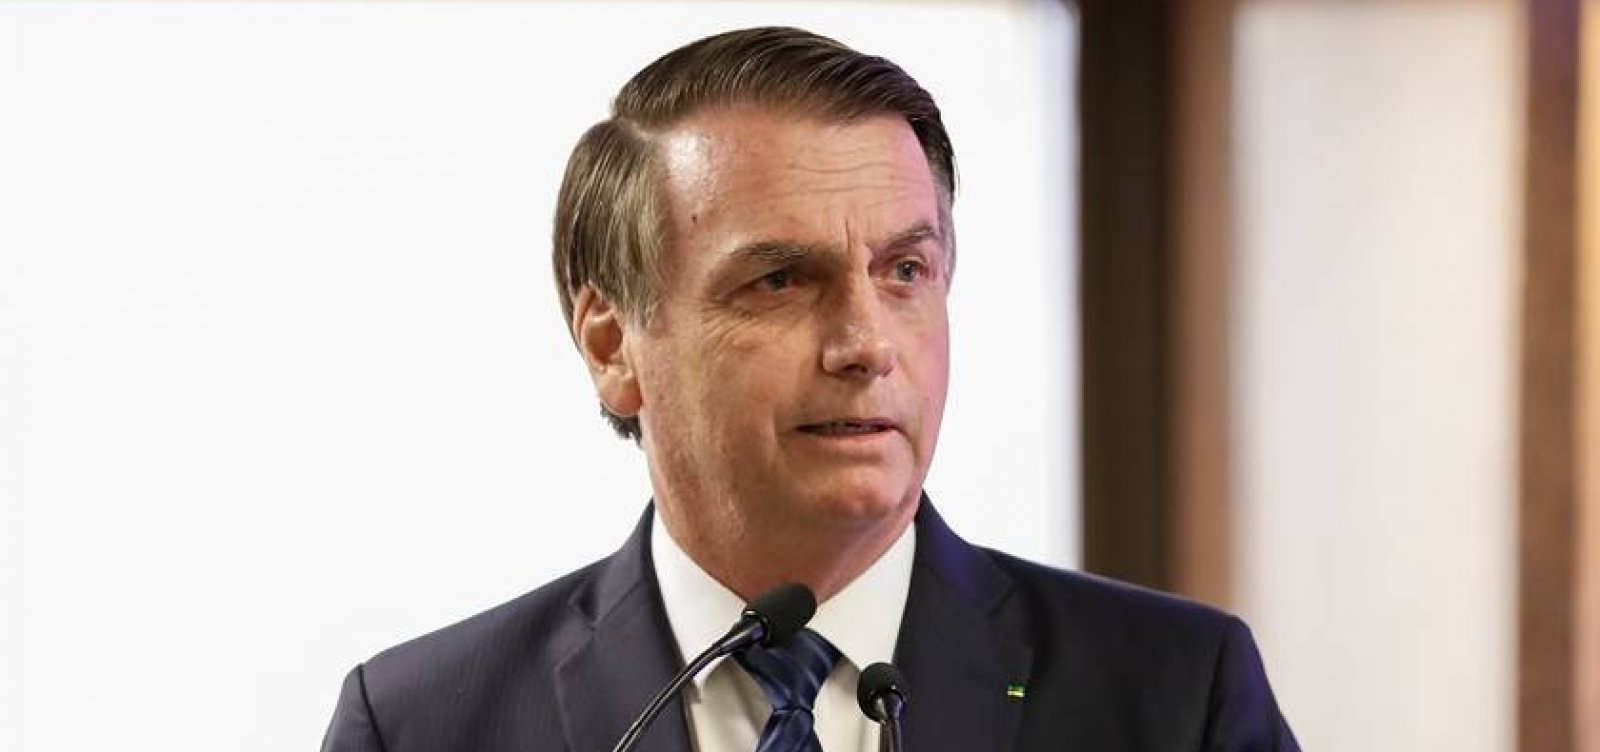 Após repercussão negativa, Bolsonaro desiste de churrasco no Alvorada